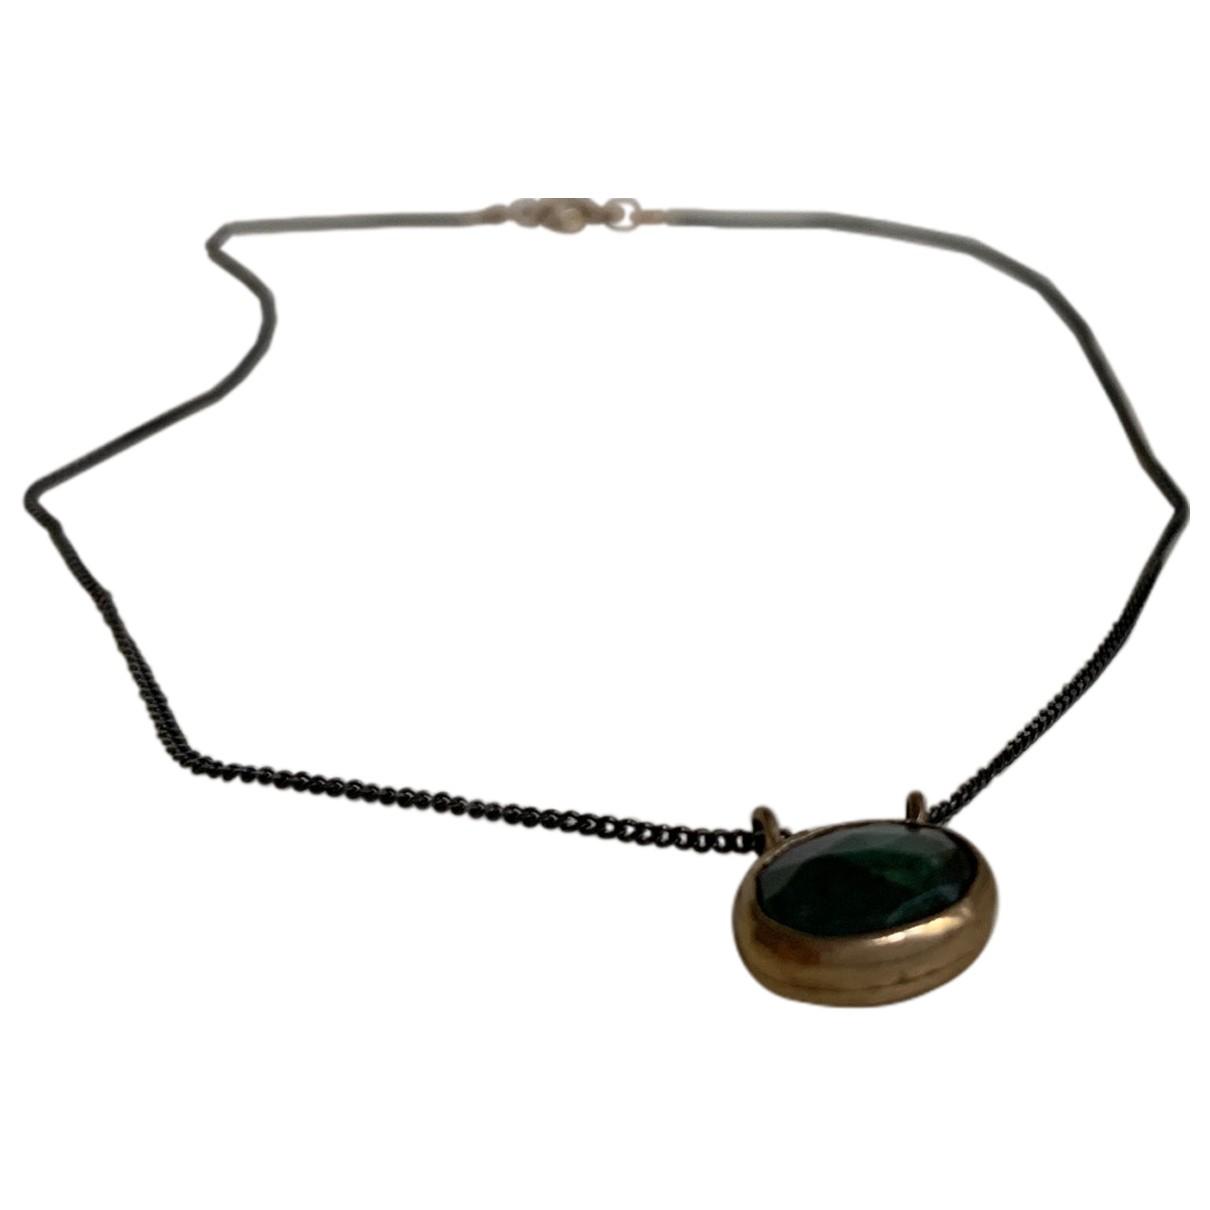 Collar Emeraude de Plata Non Signe / Unsigned